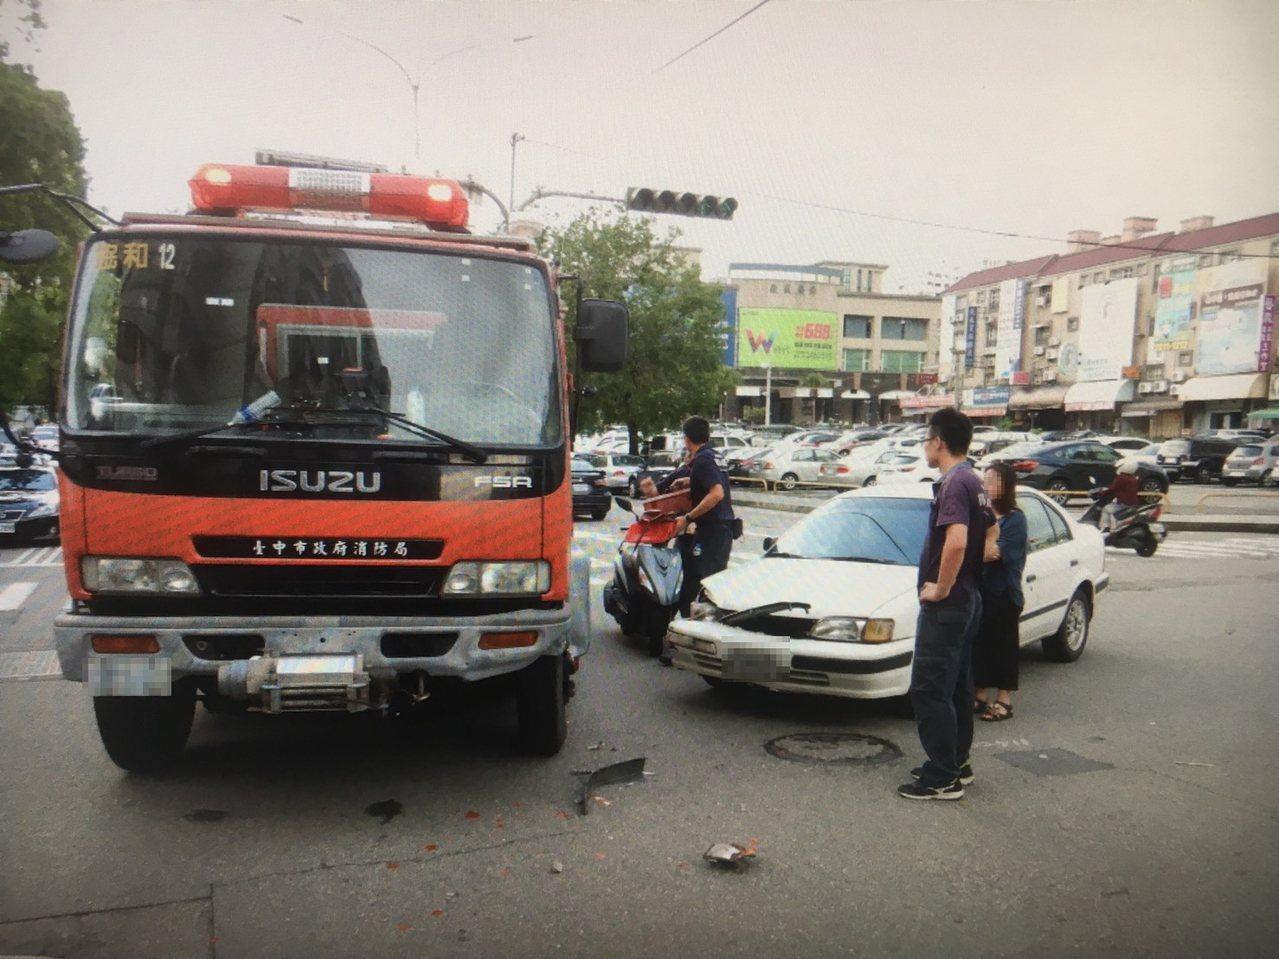 白色轎車未禮讓消防車出勤,兩車碰撞車頭毀損,所幸無人受傷。記者林佩均/翻攝